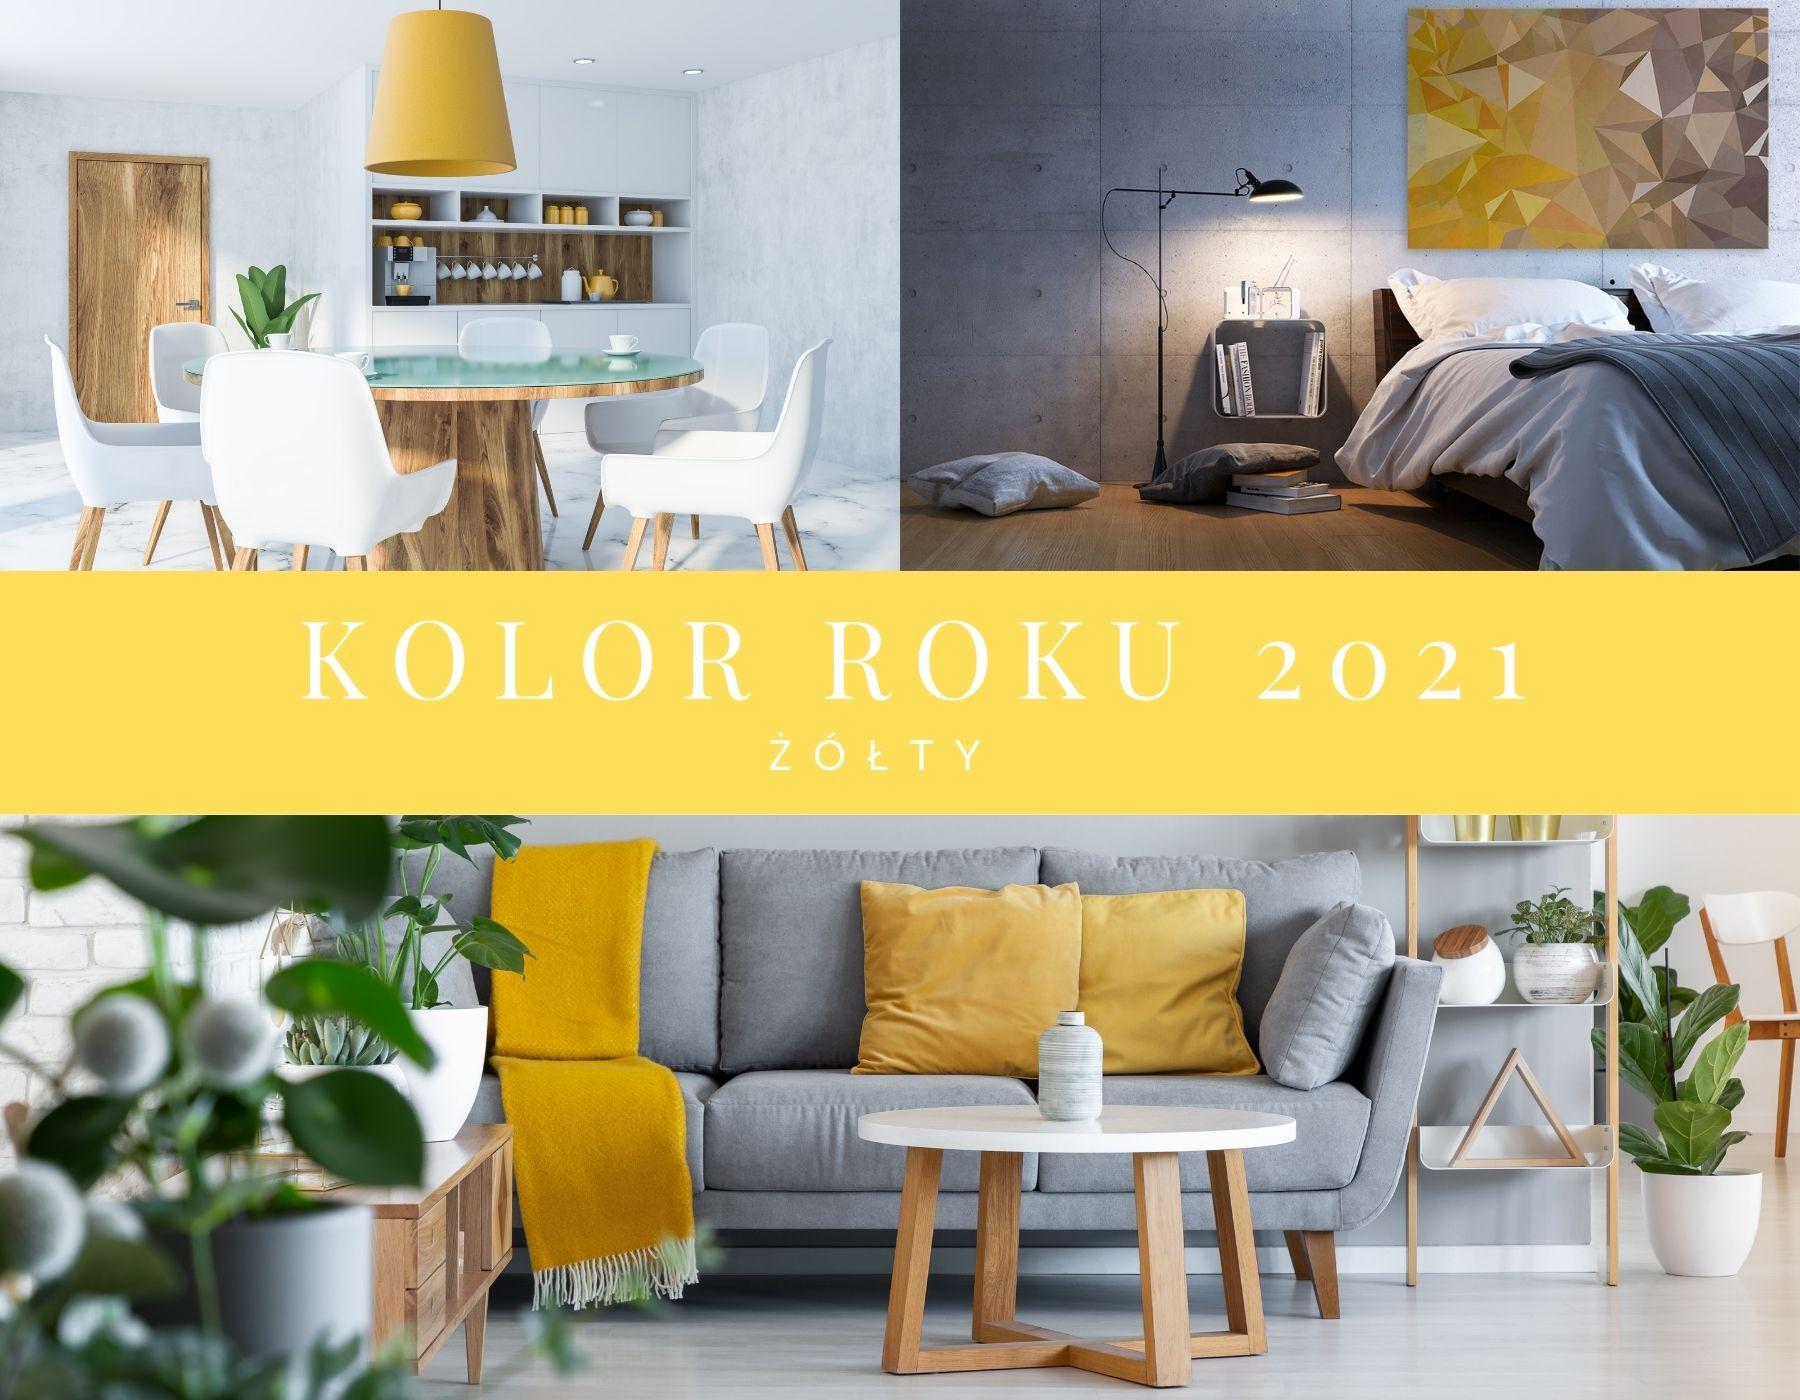 00-kolor-roku-2021